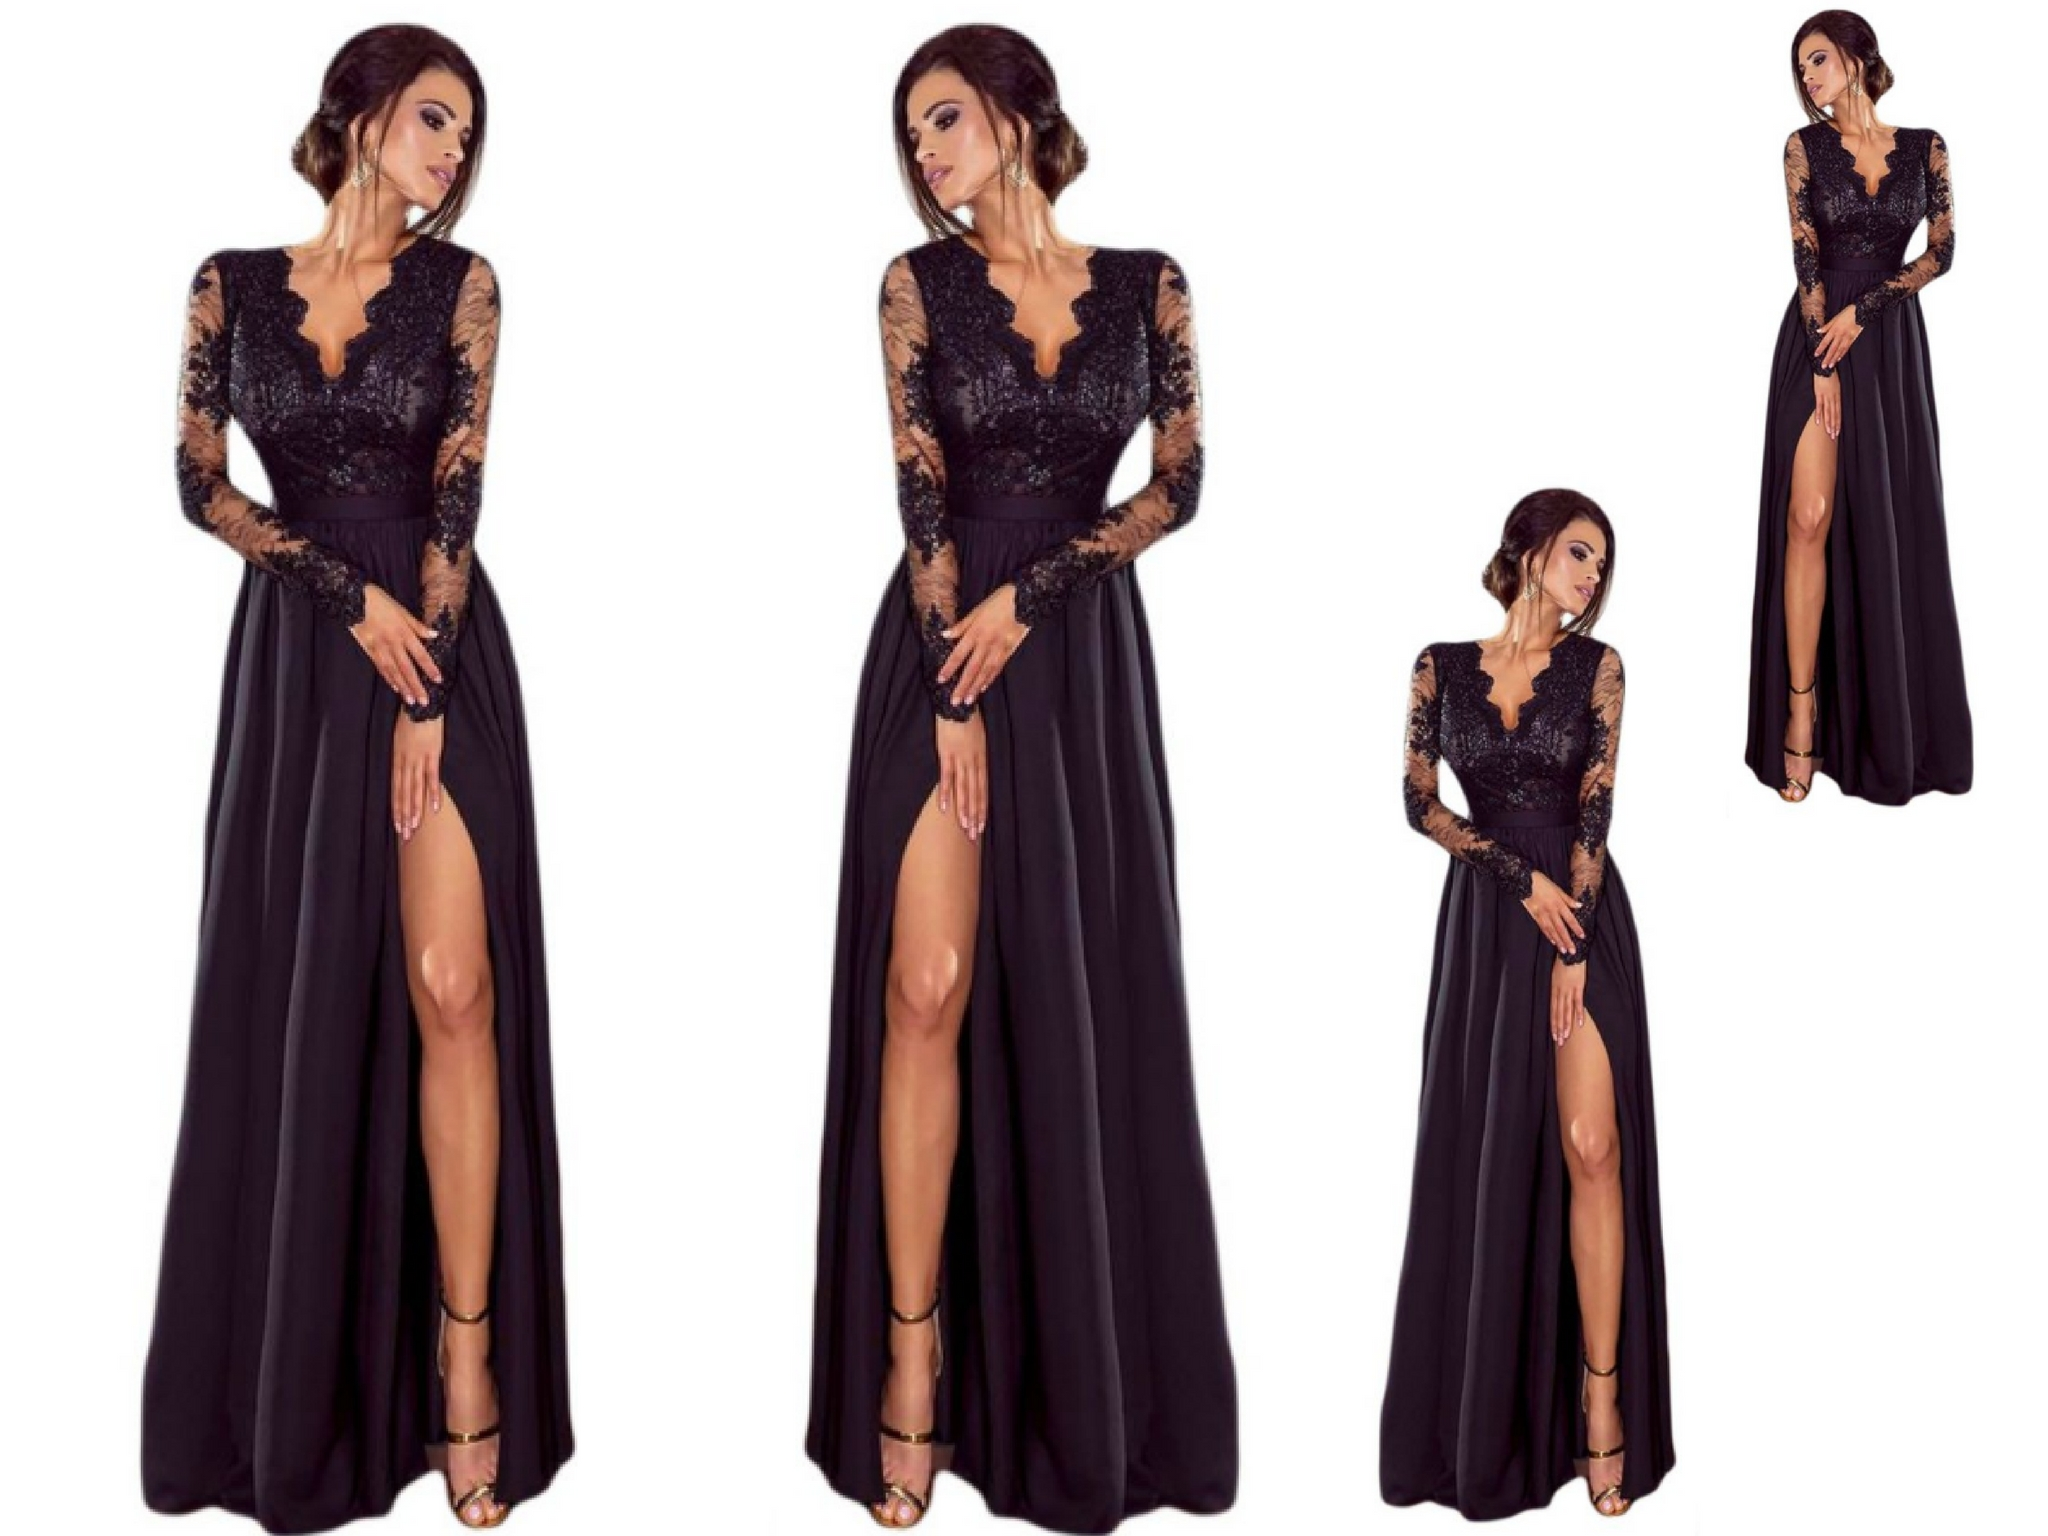 6151170129 Sukienka koronkowa czarna długa wesele  38 - 7114314150 - oficjalne ...